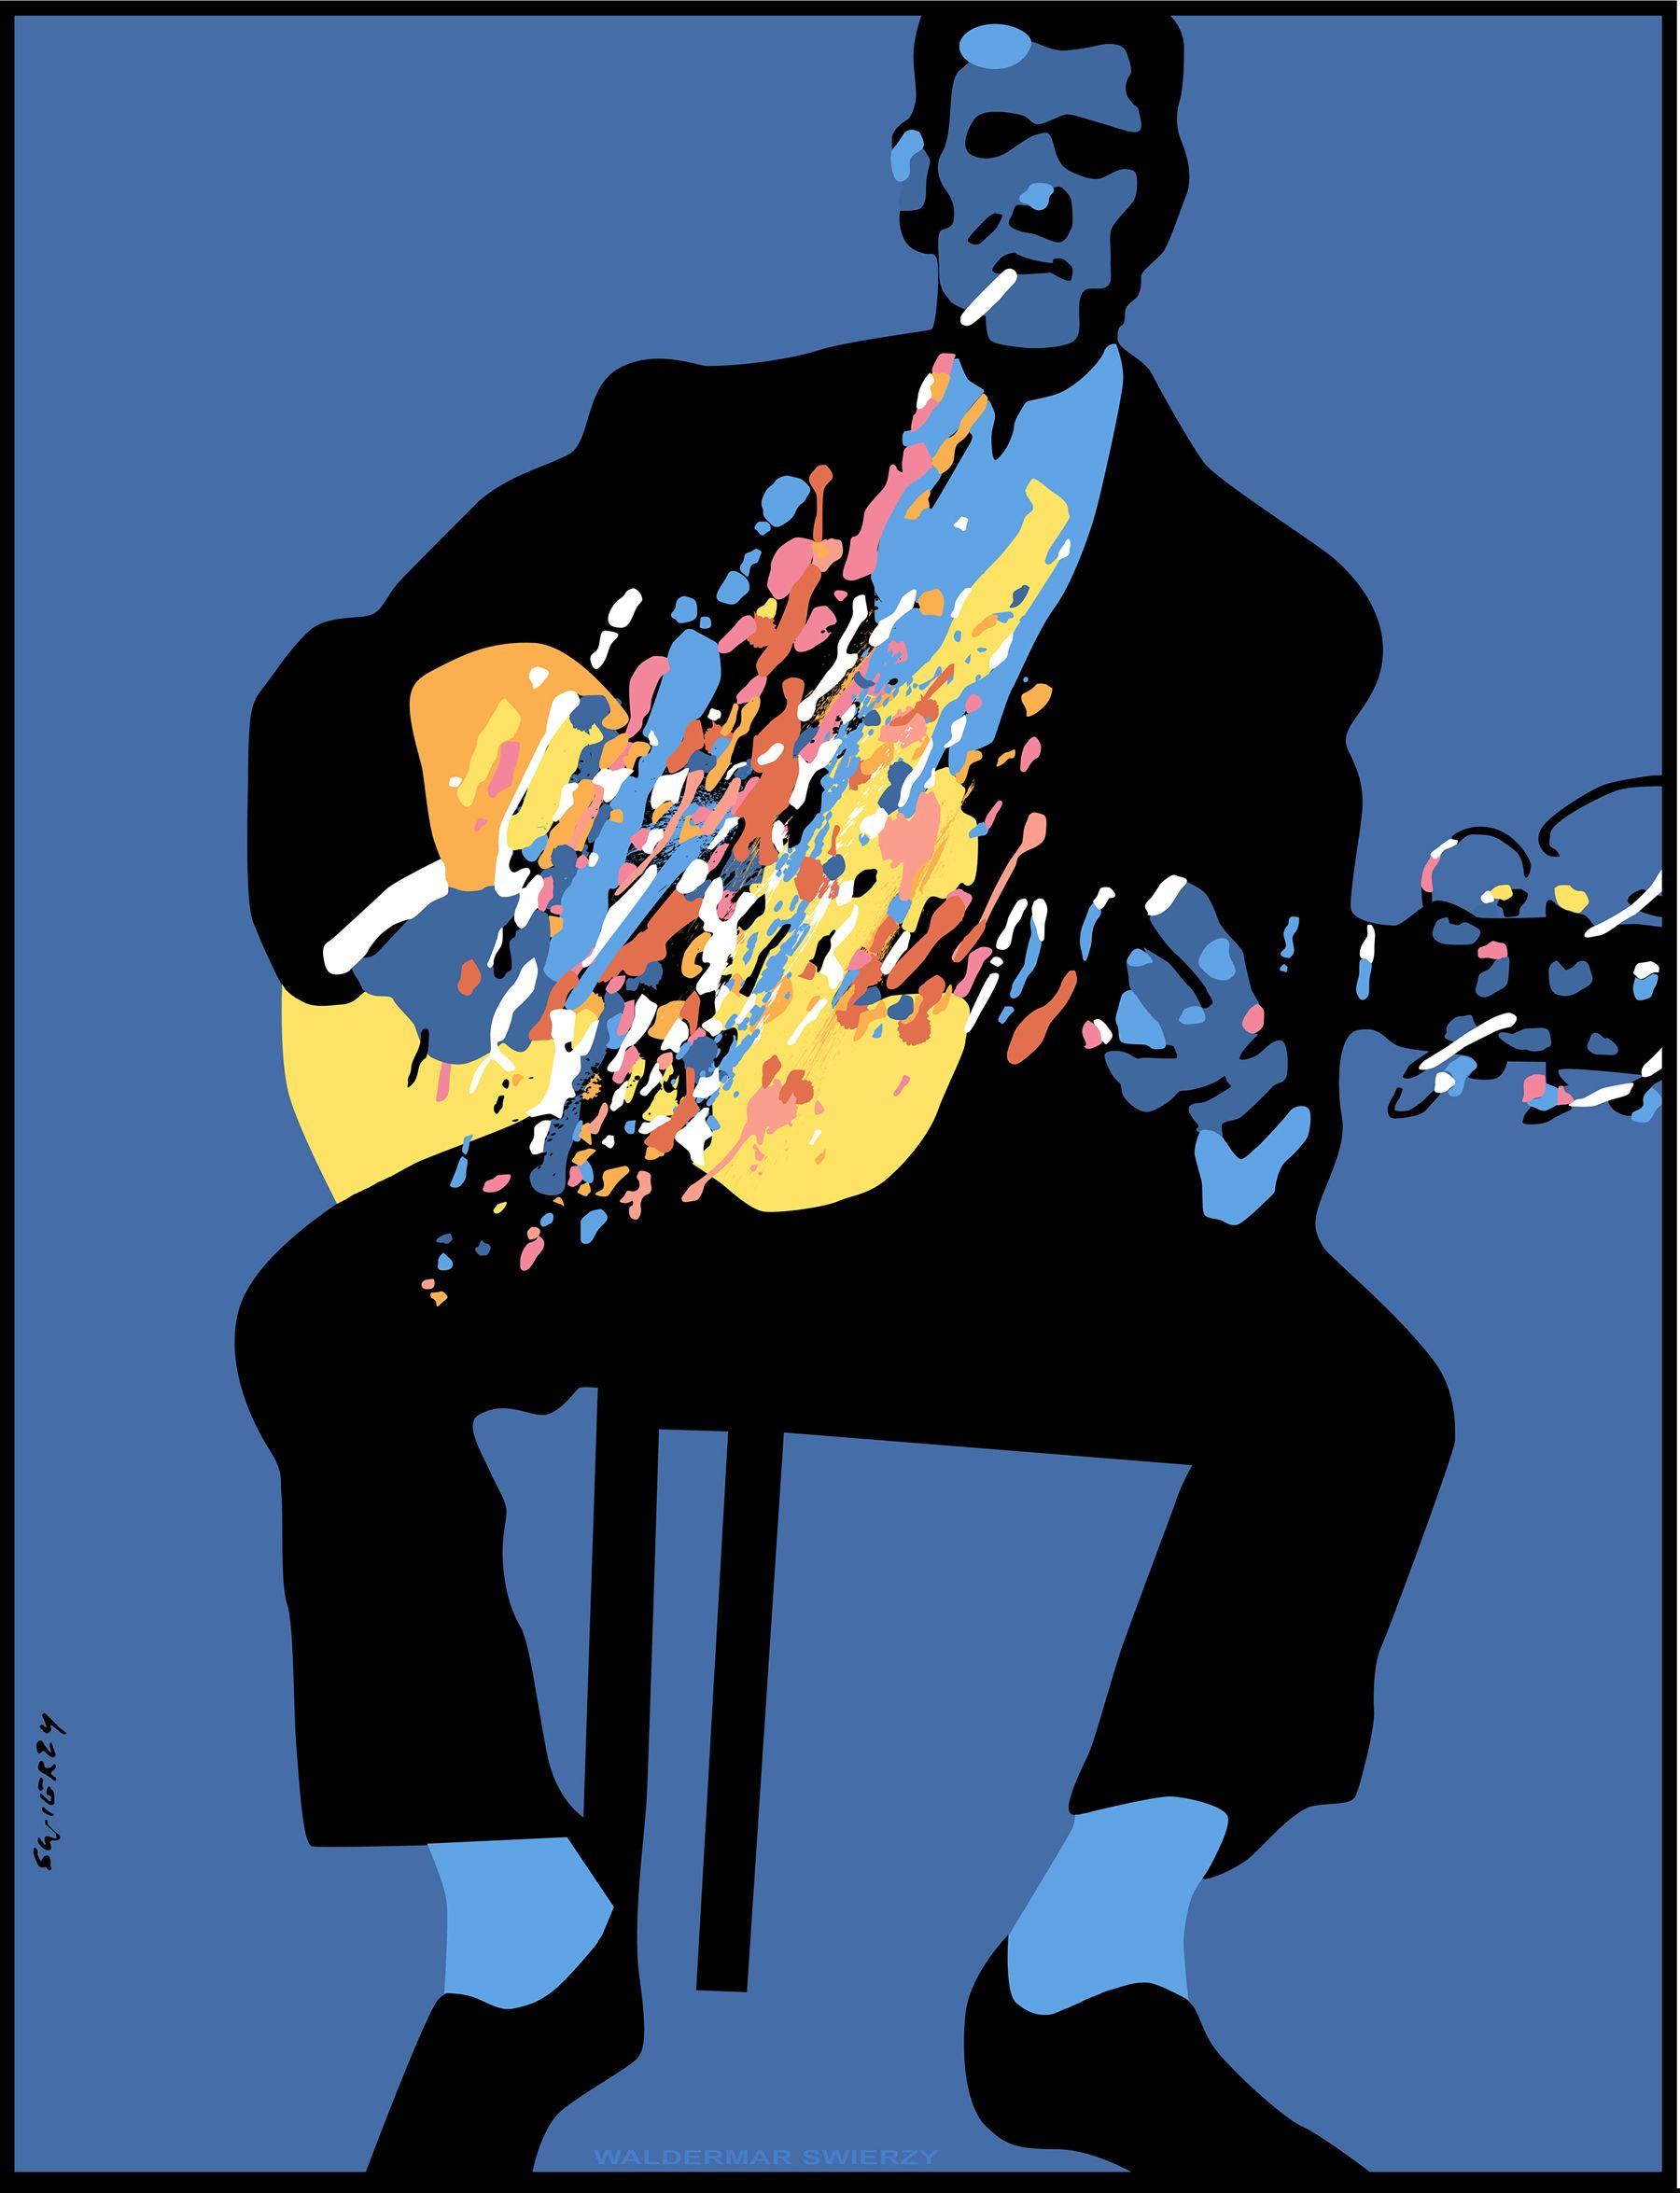 Glowing Guitar by Waldemar Swierzy Arte de la música